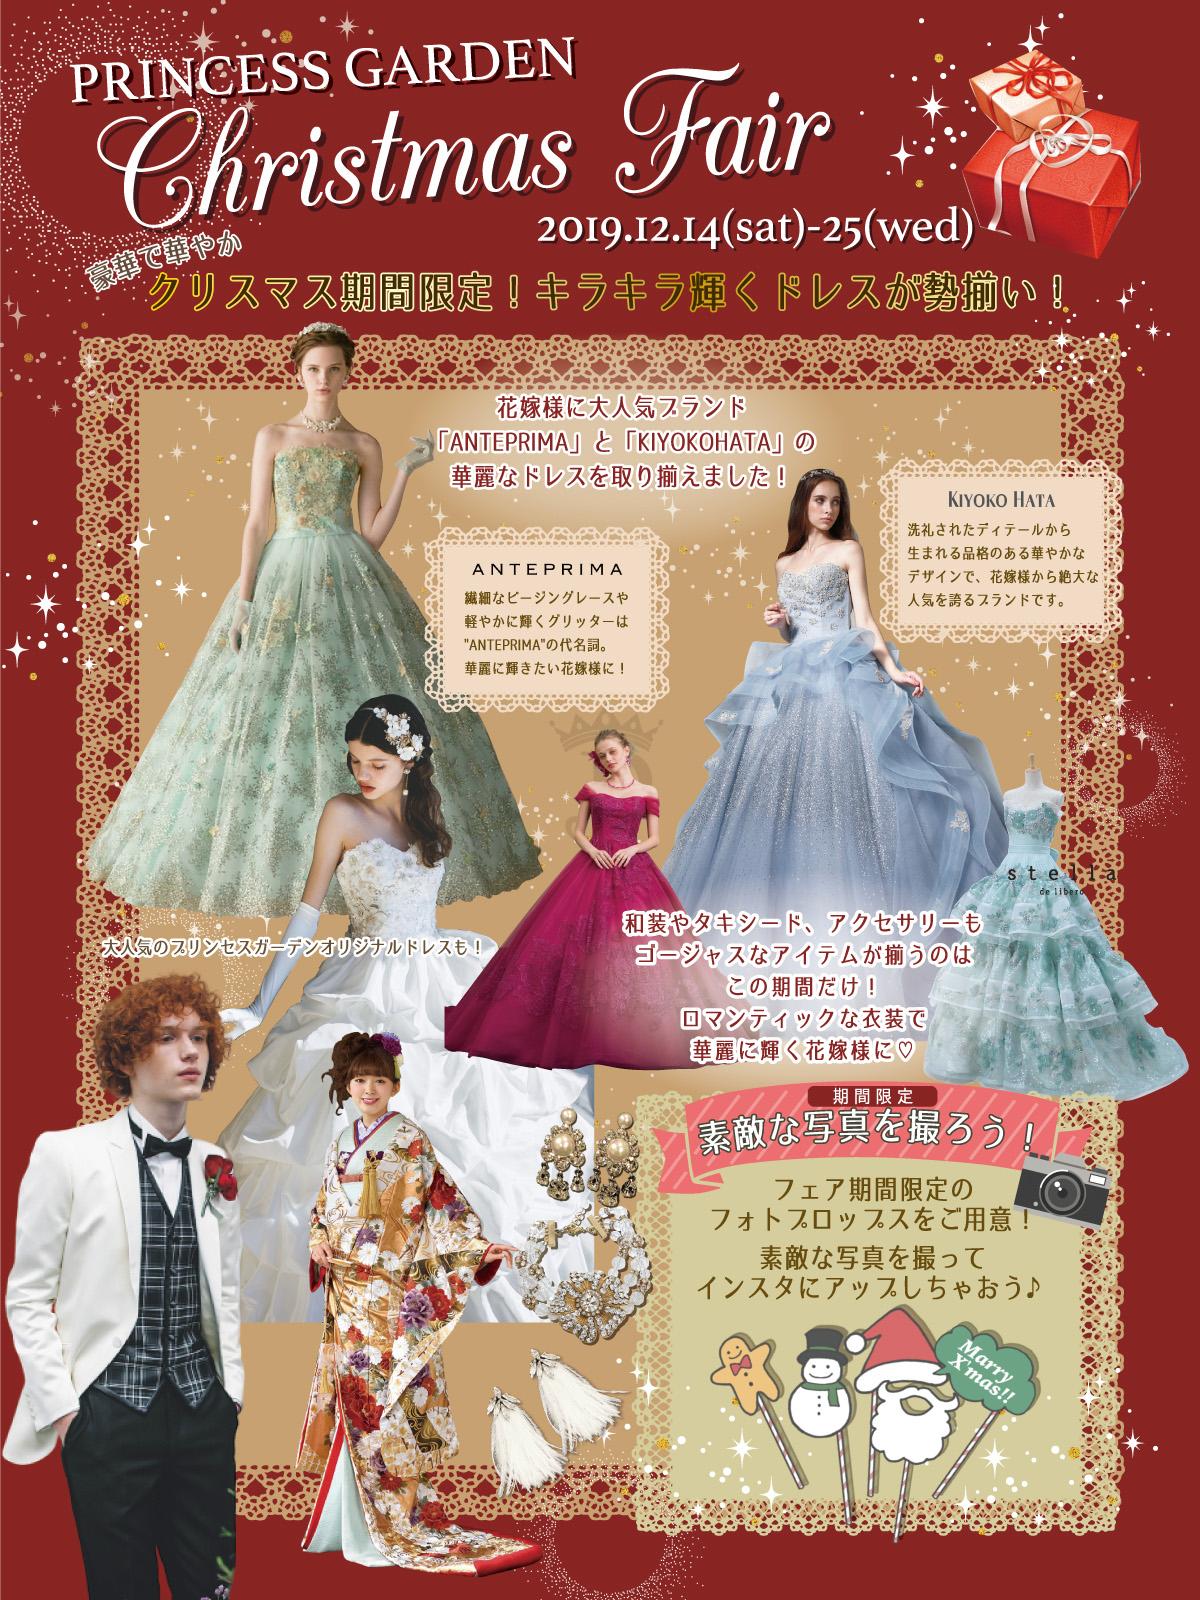 プリンセスガーデン クリスマスフェア